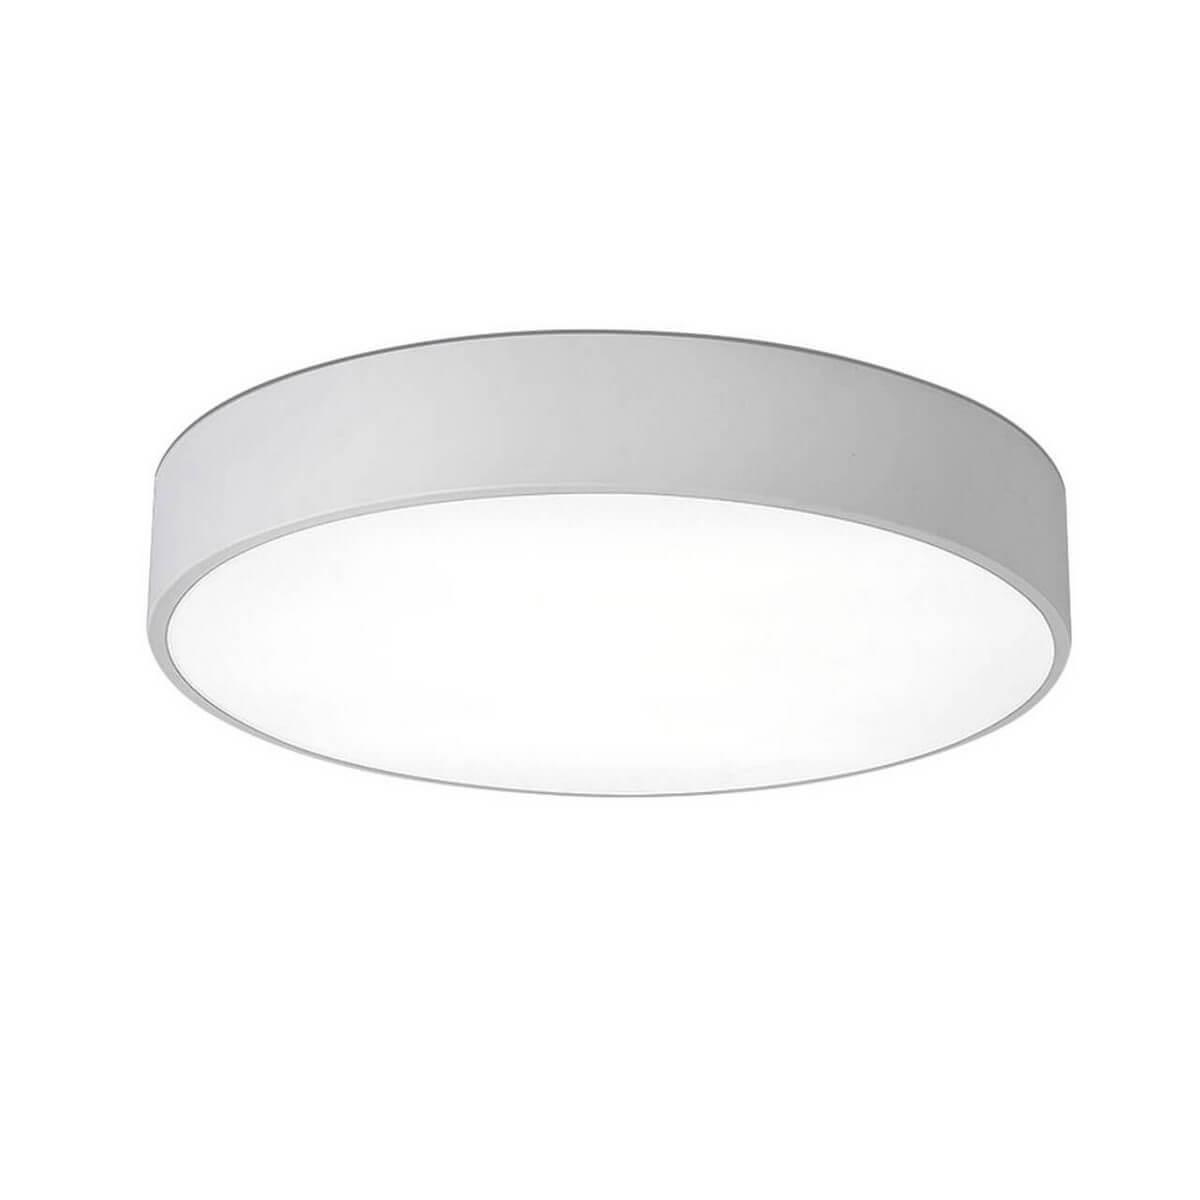 Потолочный светодиодный светильник Kink Light Медина 05460,01 потолочный светодиодный светильник kink light медина 05430 01